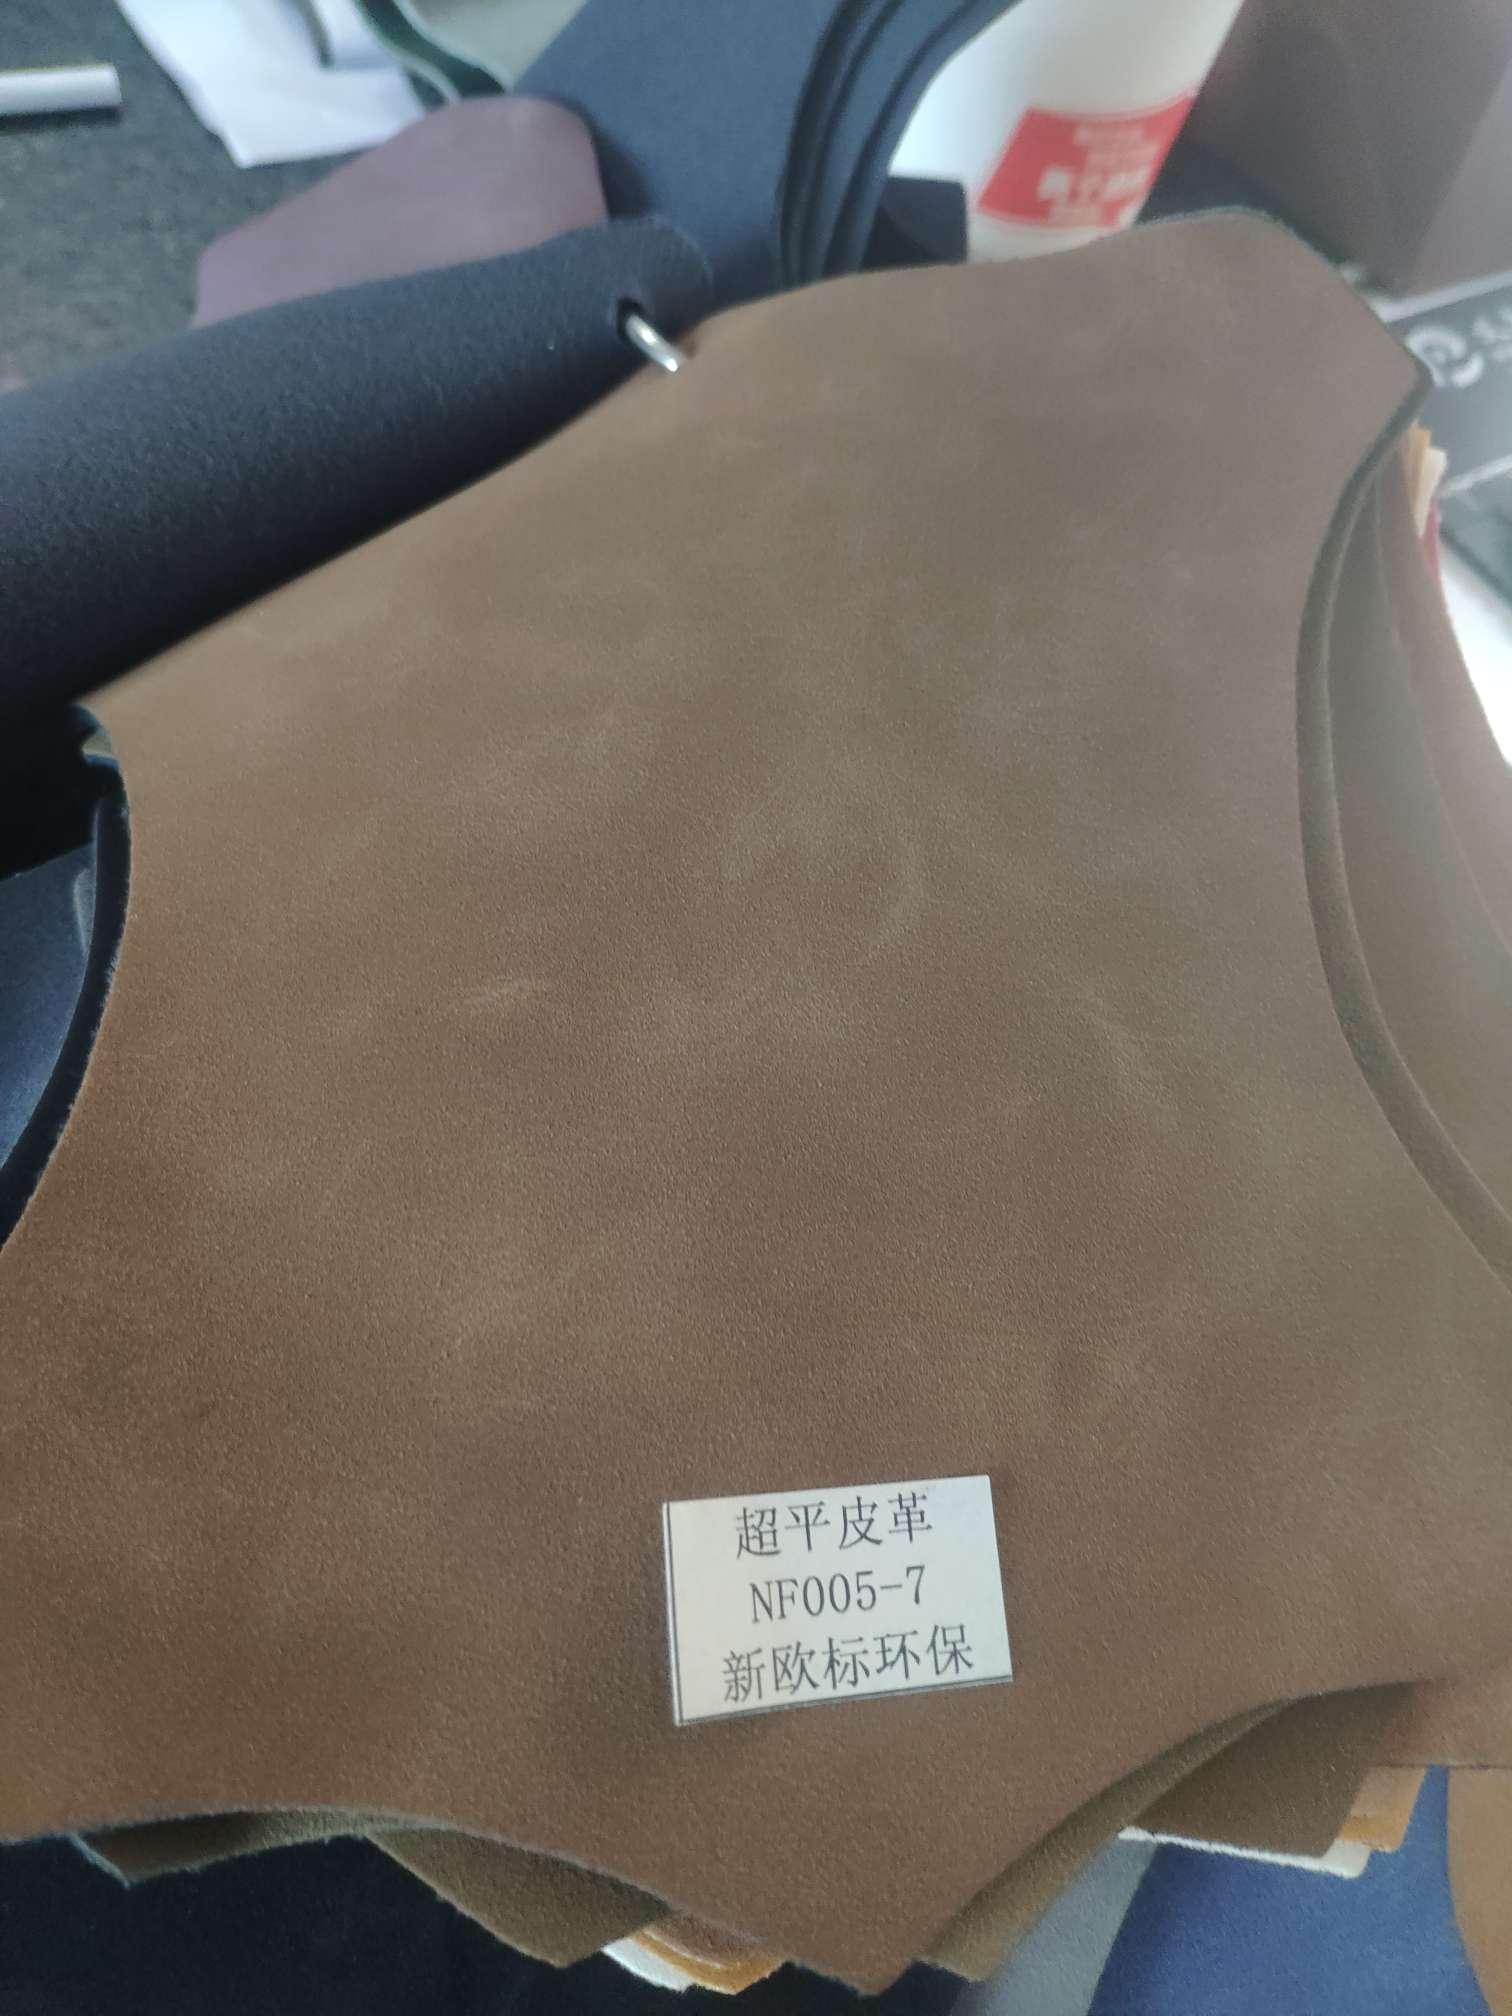 NF005-7厂家直销热销新款   PU皮革大量现货高中低档箱包沙发鞋材面料